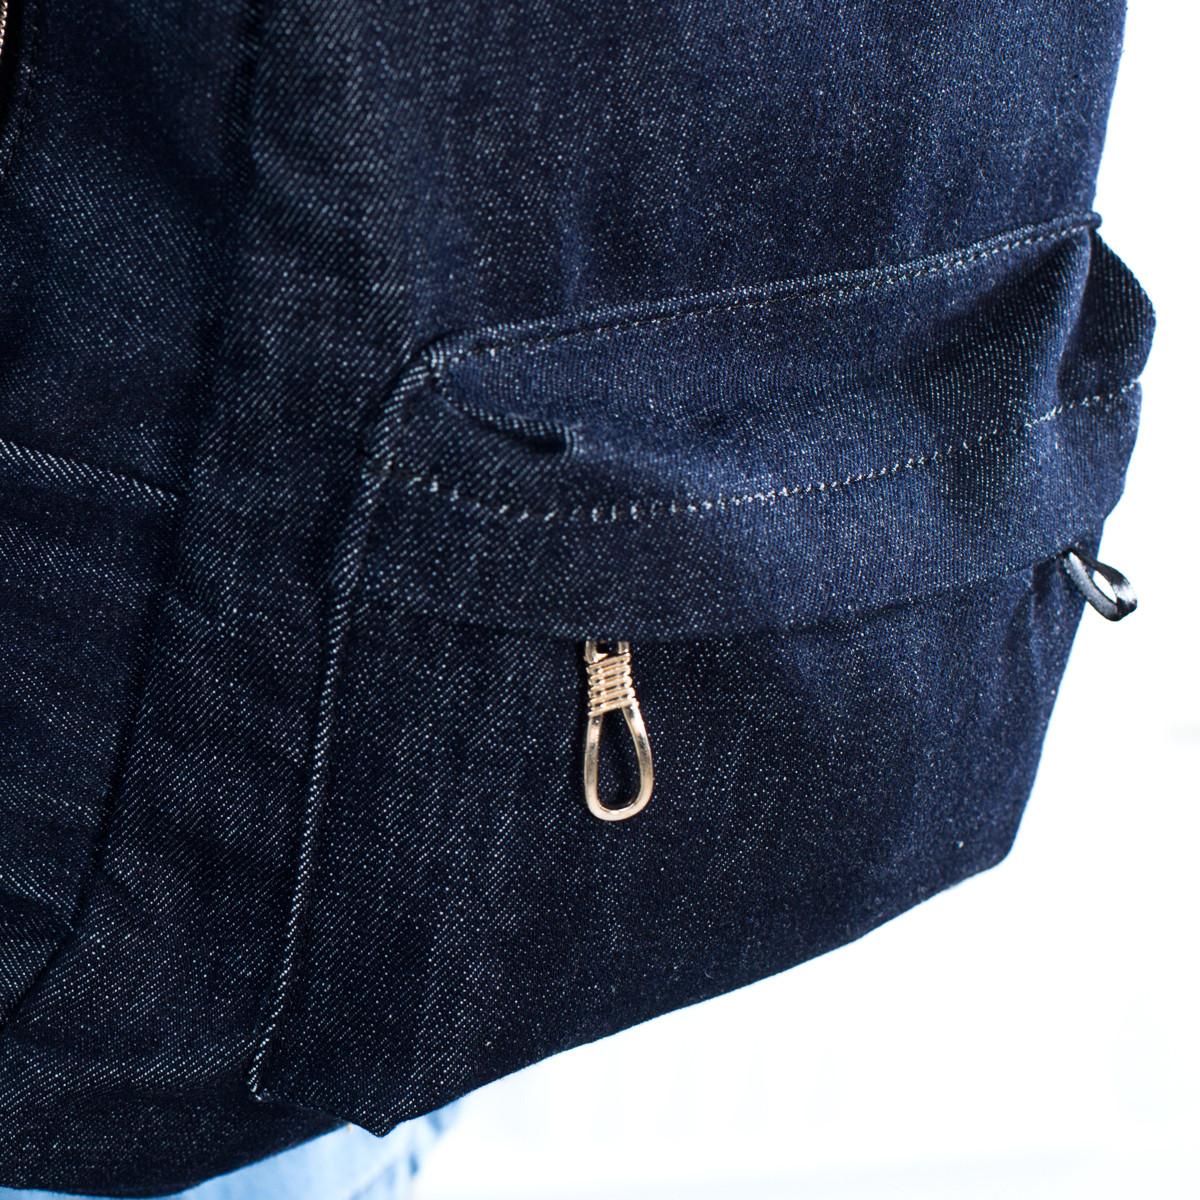 Стильный женский джинсовый рюкзак Mayers, темно-синий, фото 3